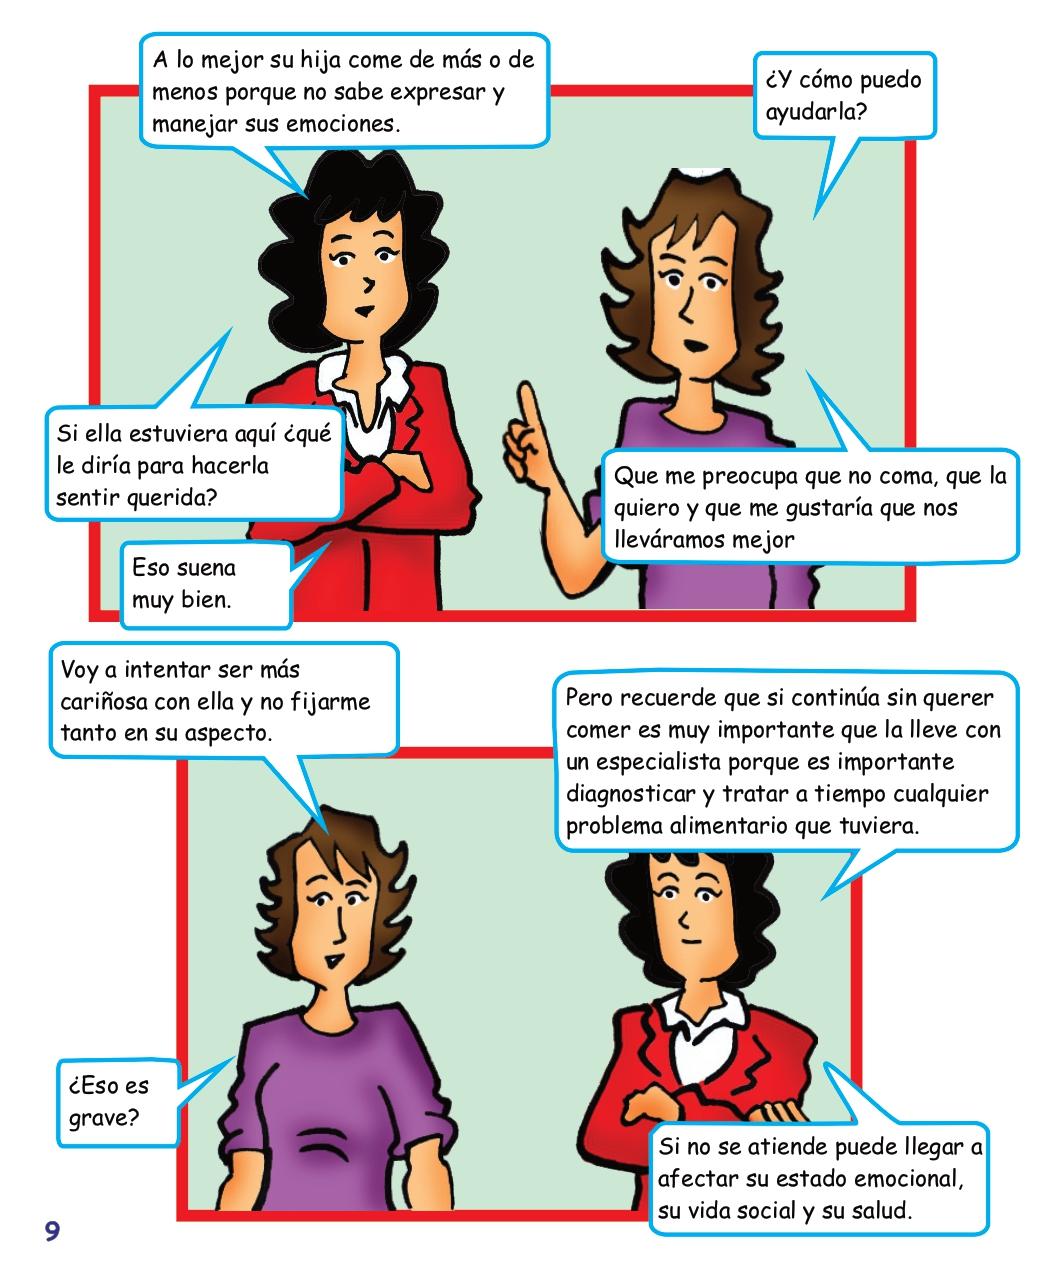 Psicología padres Reyhan cap1_1 digital_page-0012